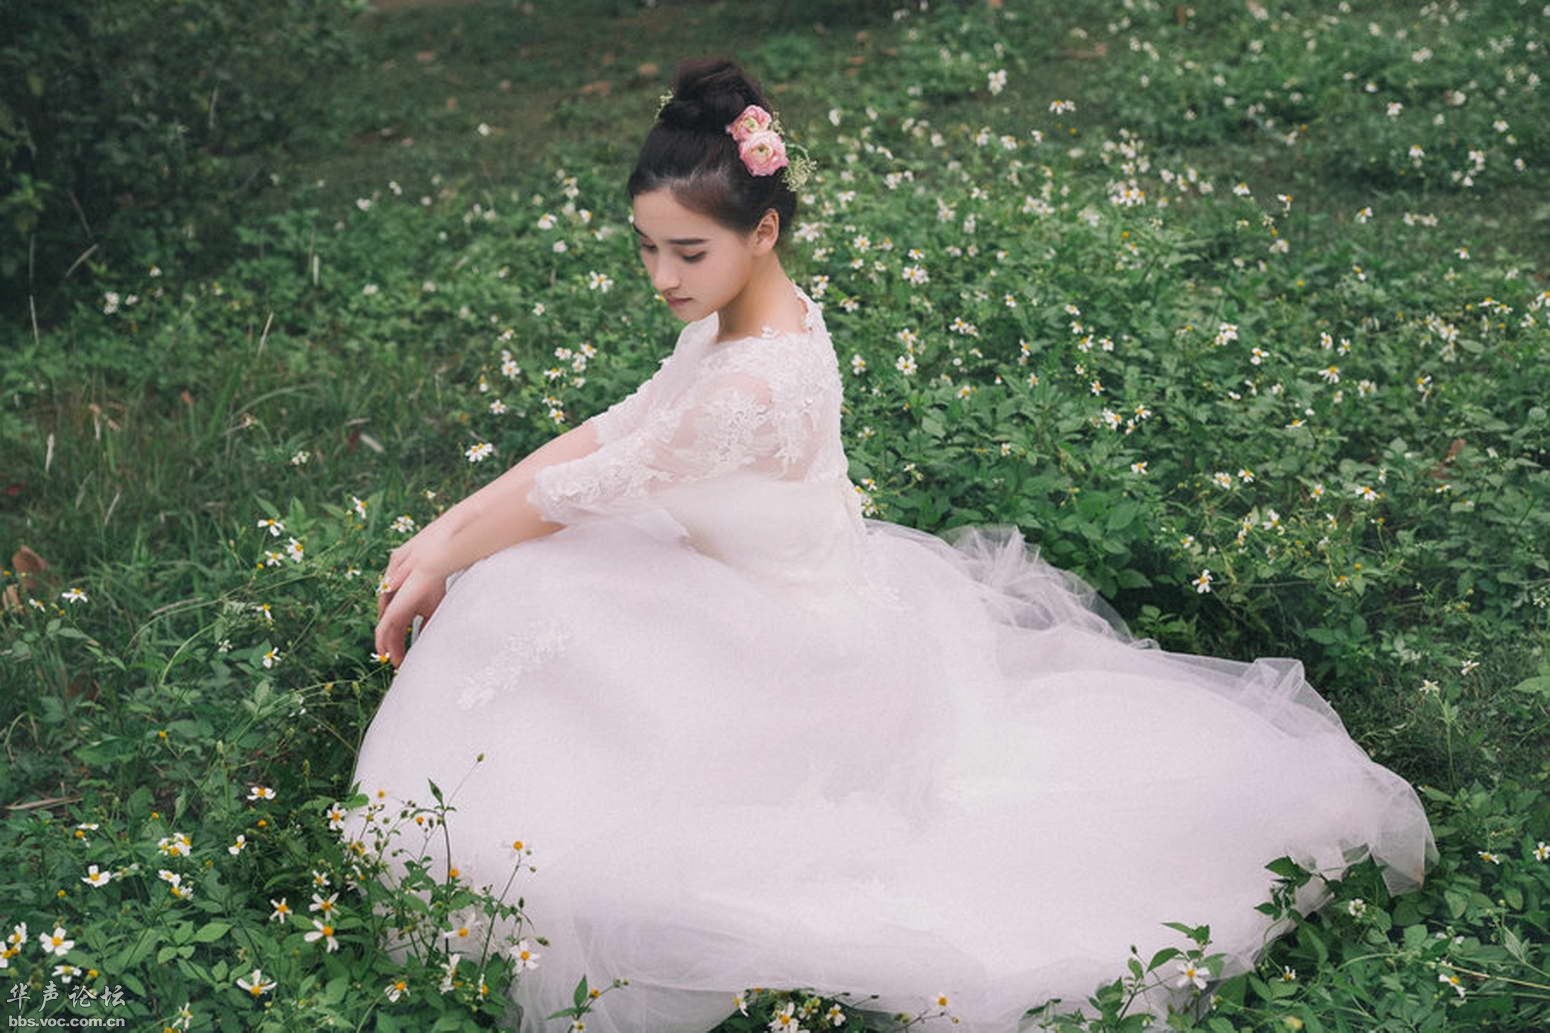 做你梦中的新娘 - 樱子 - 樱子的博客